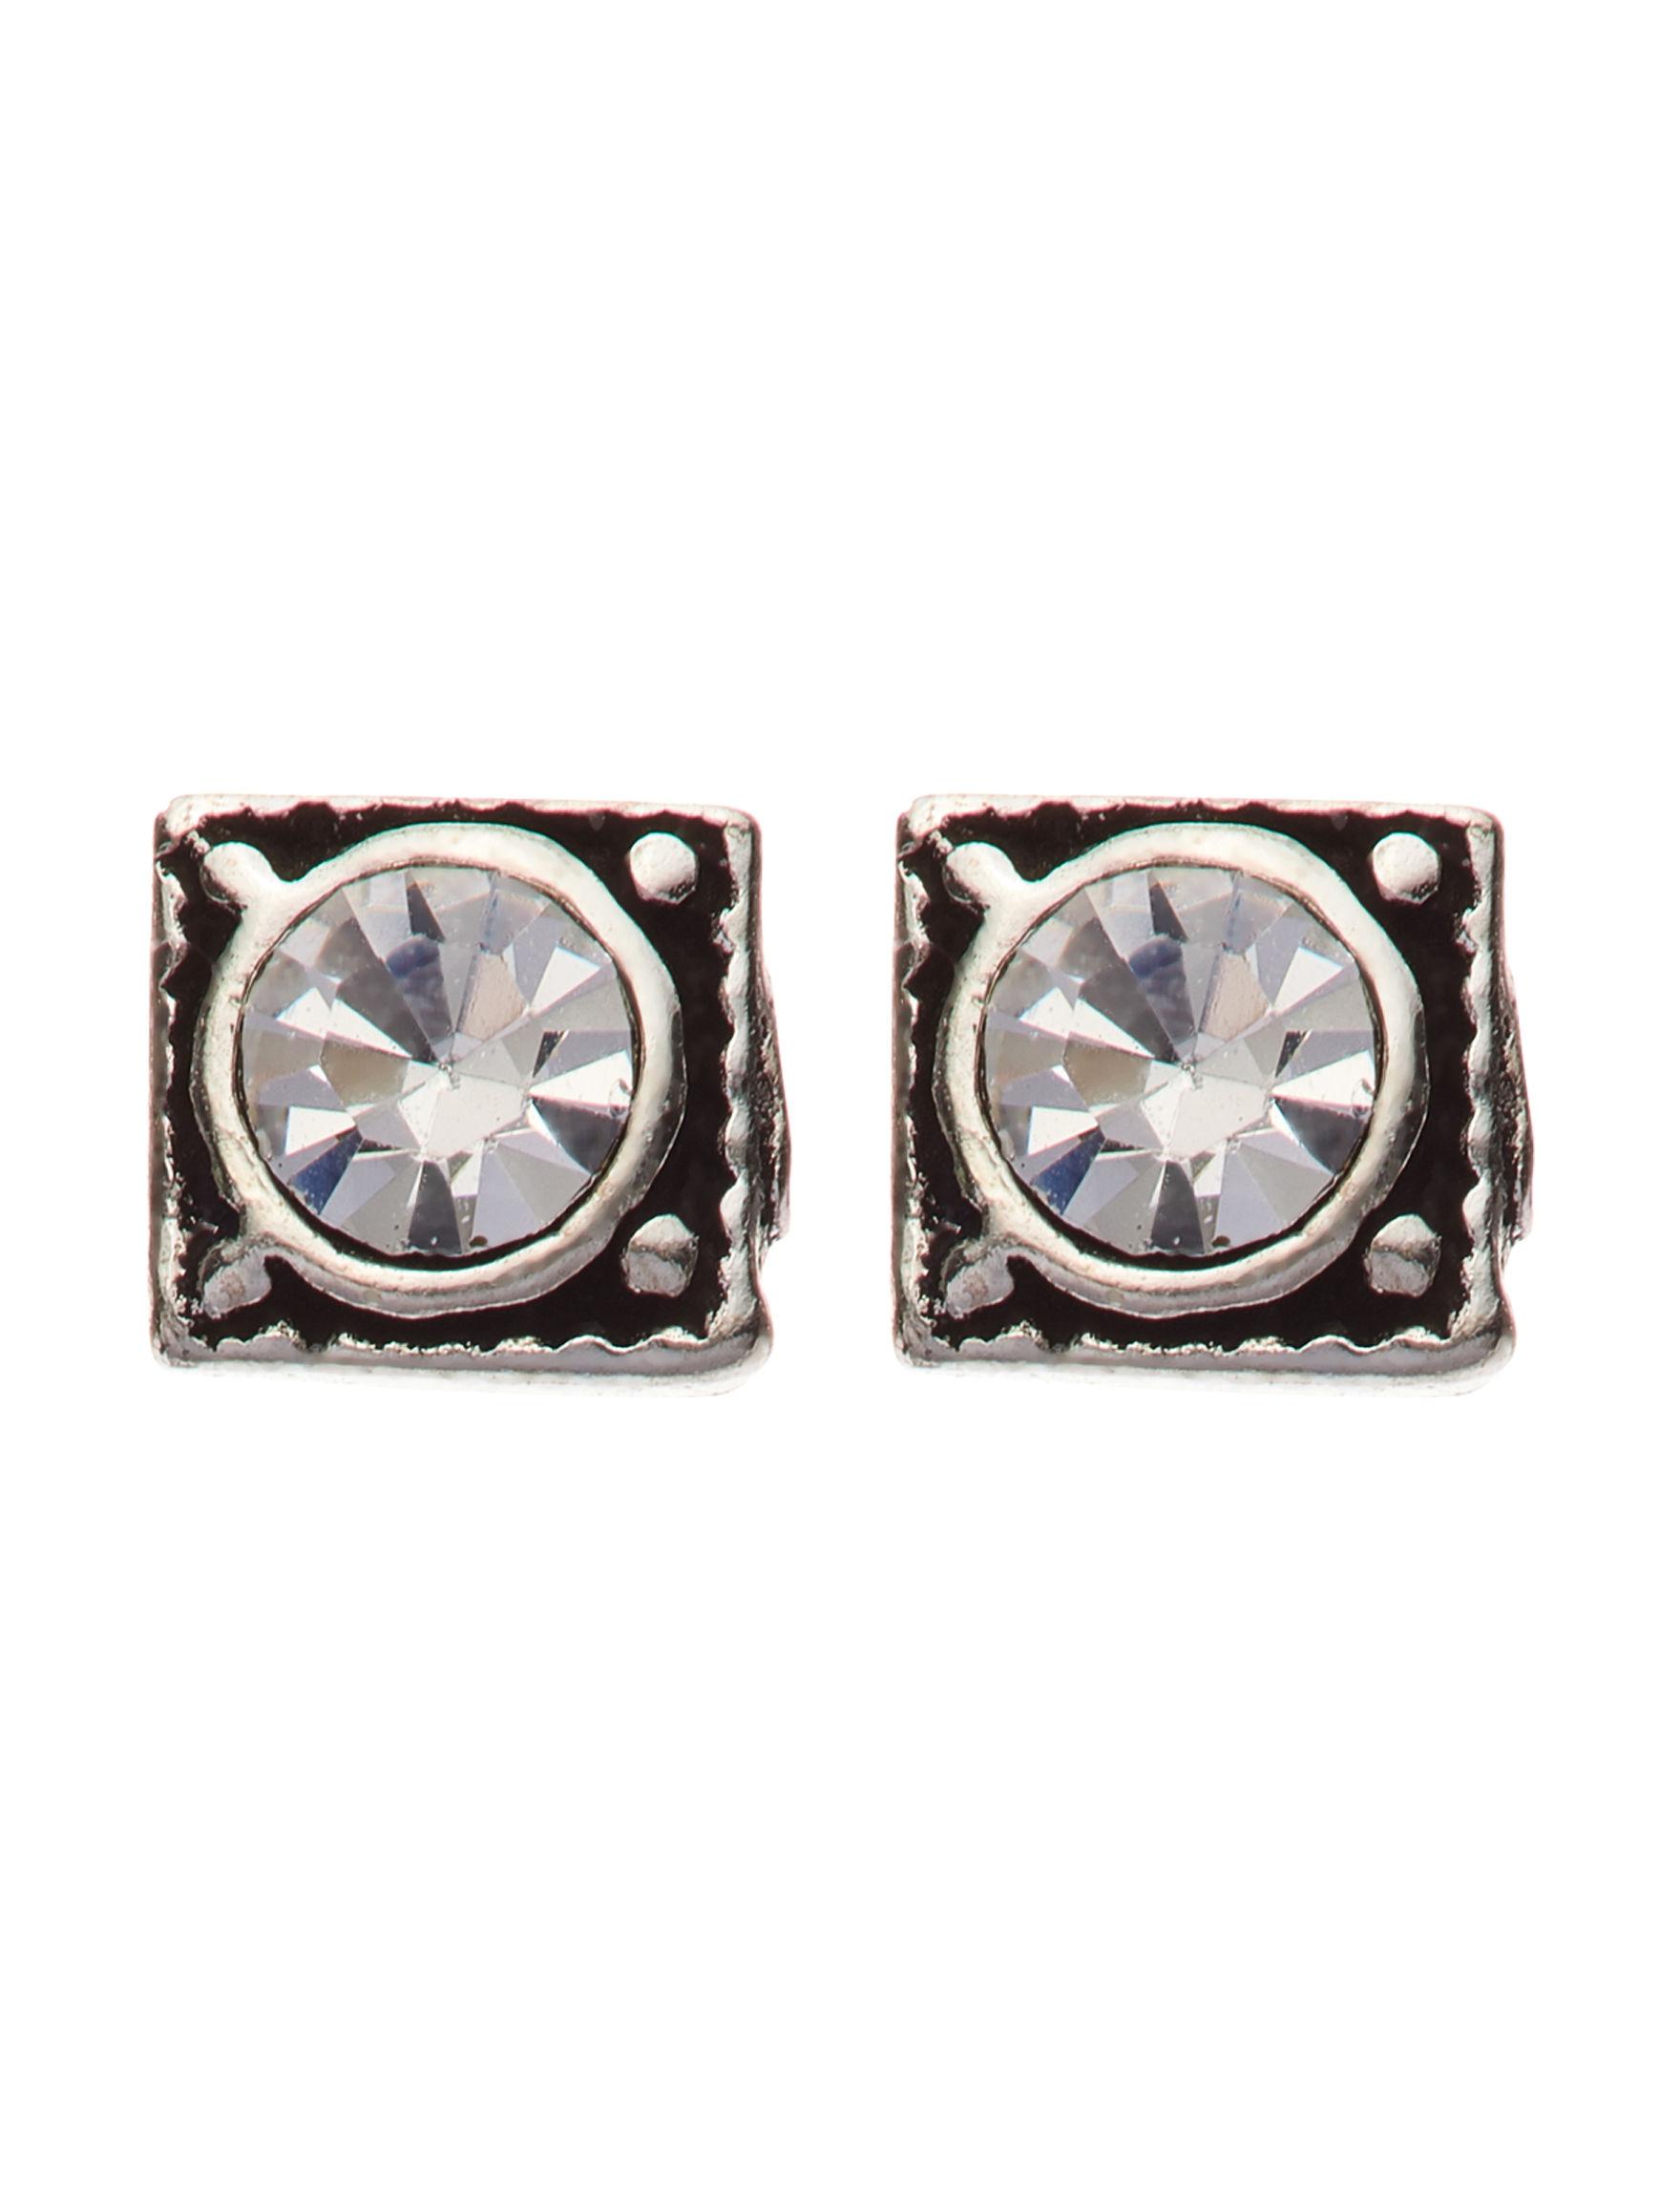 Marsala Marcasite / Crystal Studs Earrings Fine Jewelry